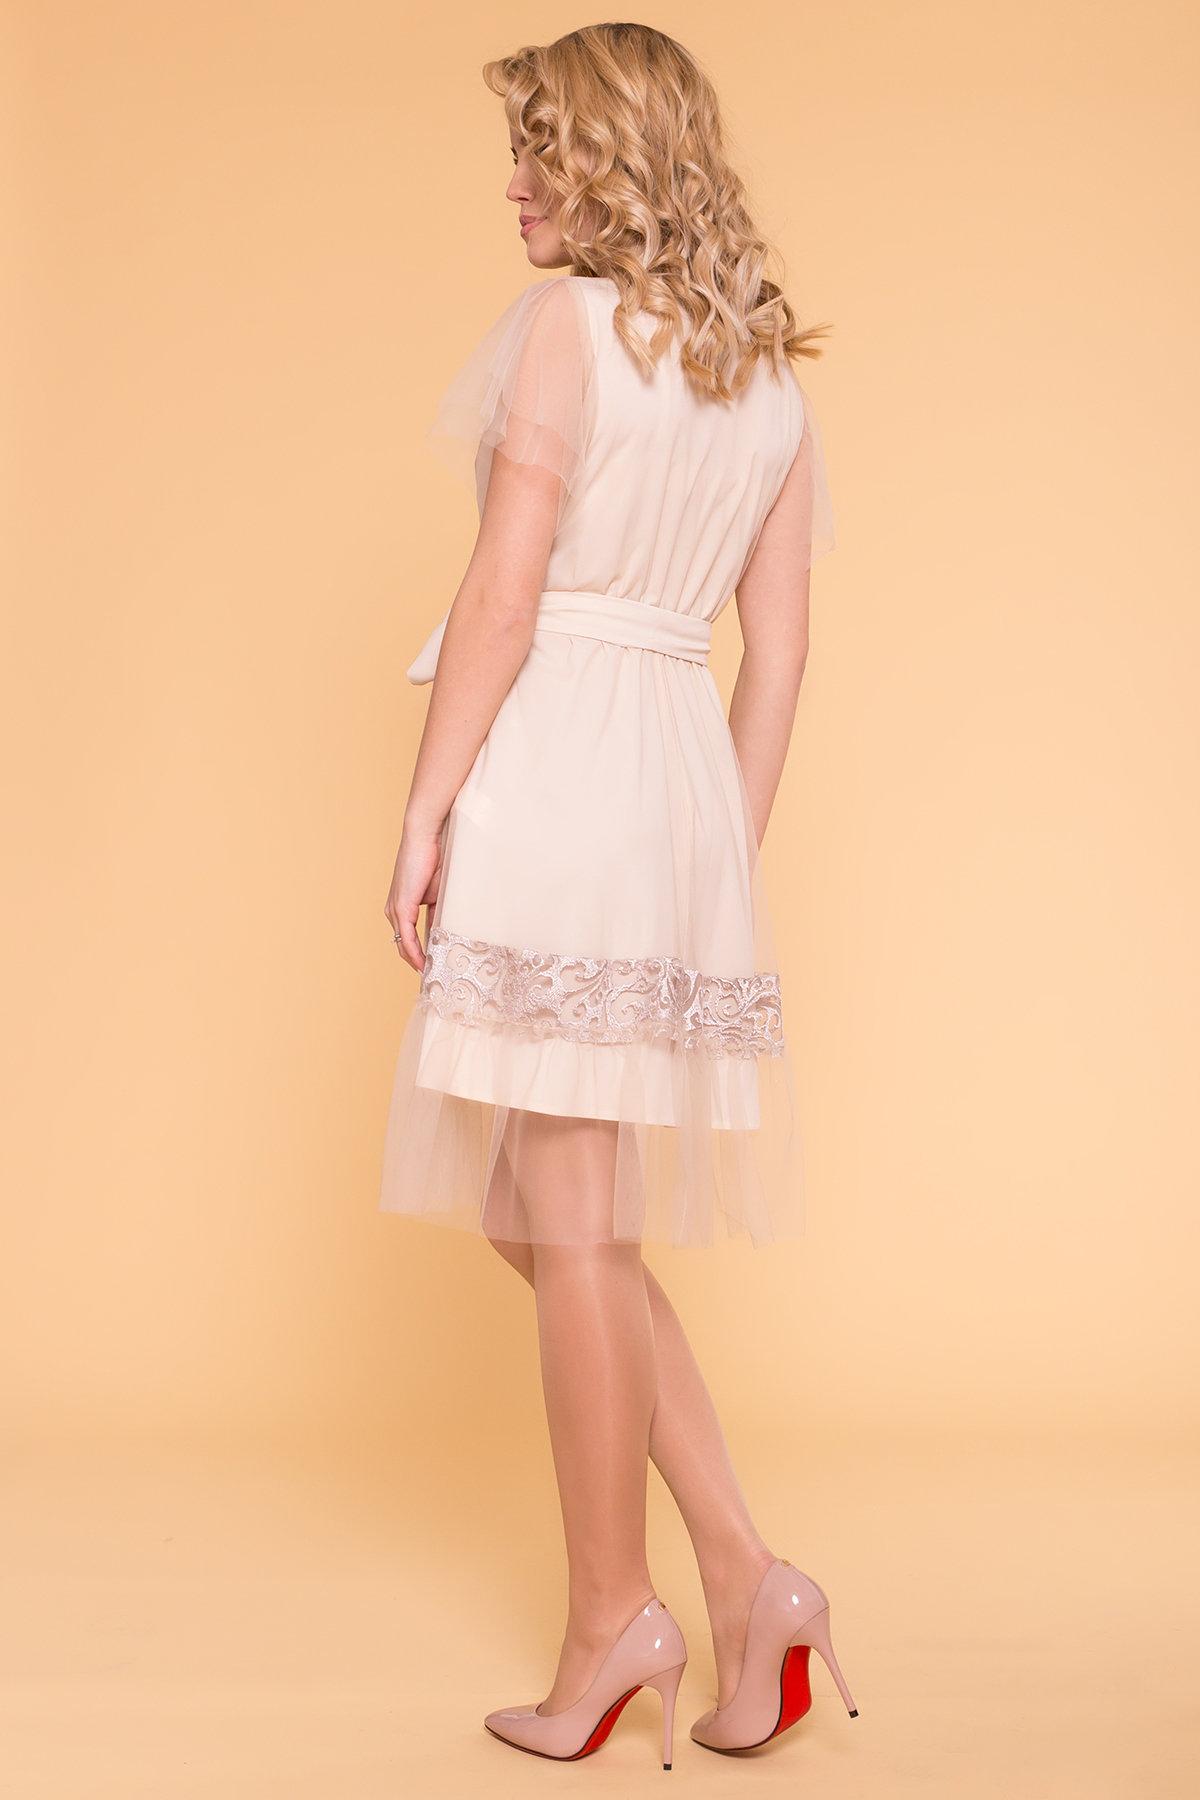 Платье Риана 6701 АРТ. 41937 Цвет: Бежевый/бежевый/бежевый - фото 2, интернет магазин tm-modus.ru